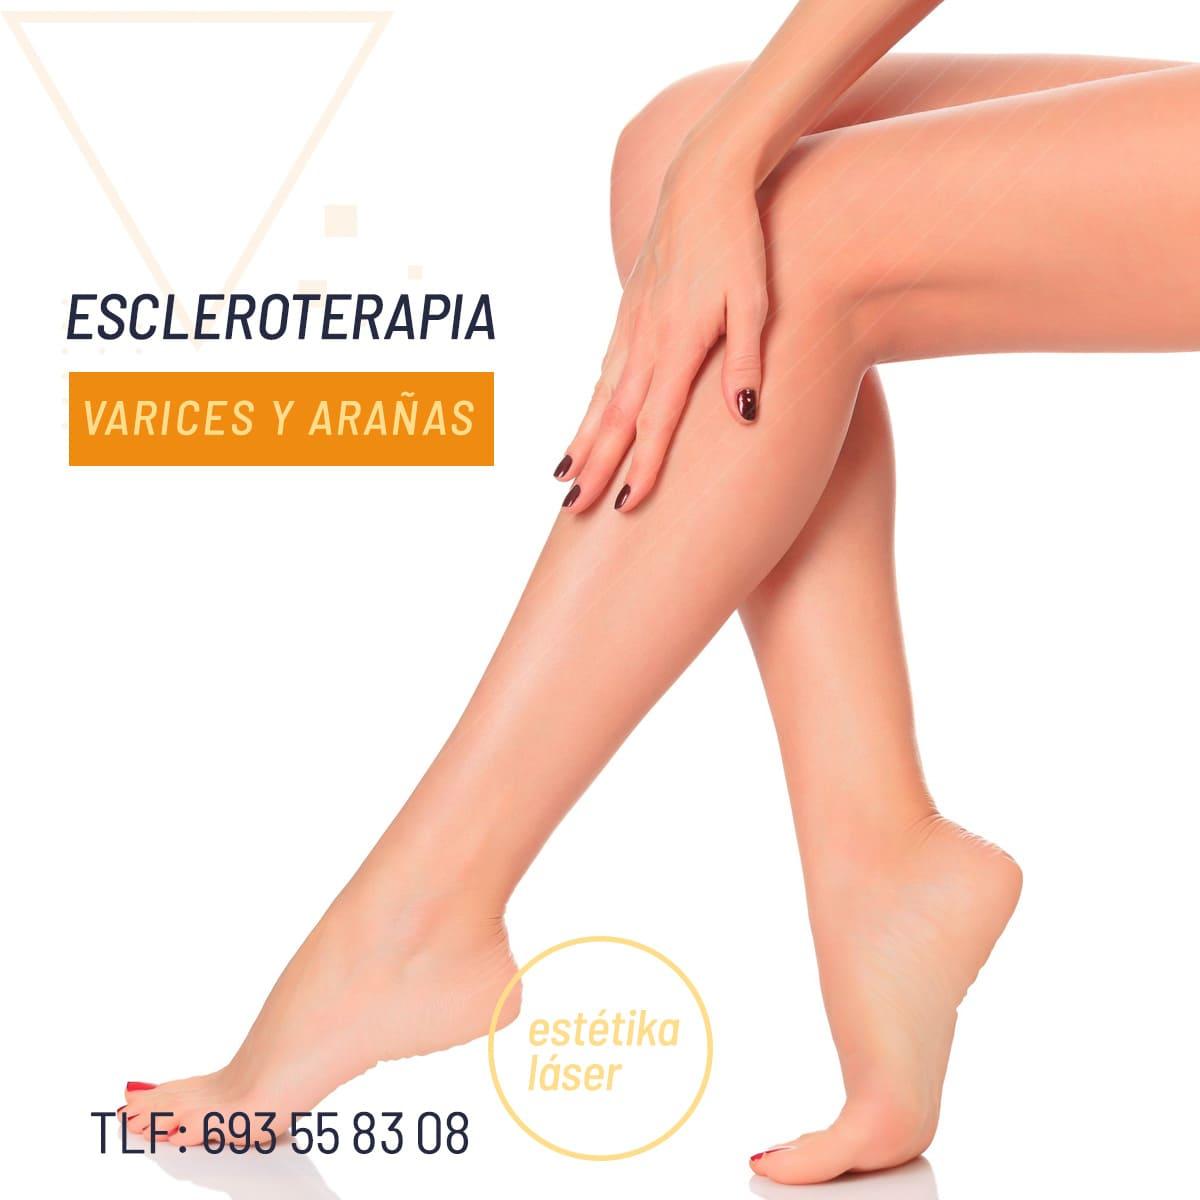 estetica avanzada murcia escleroterapia varices estrias 3